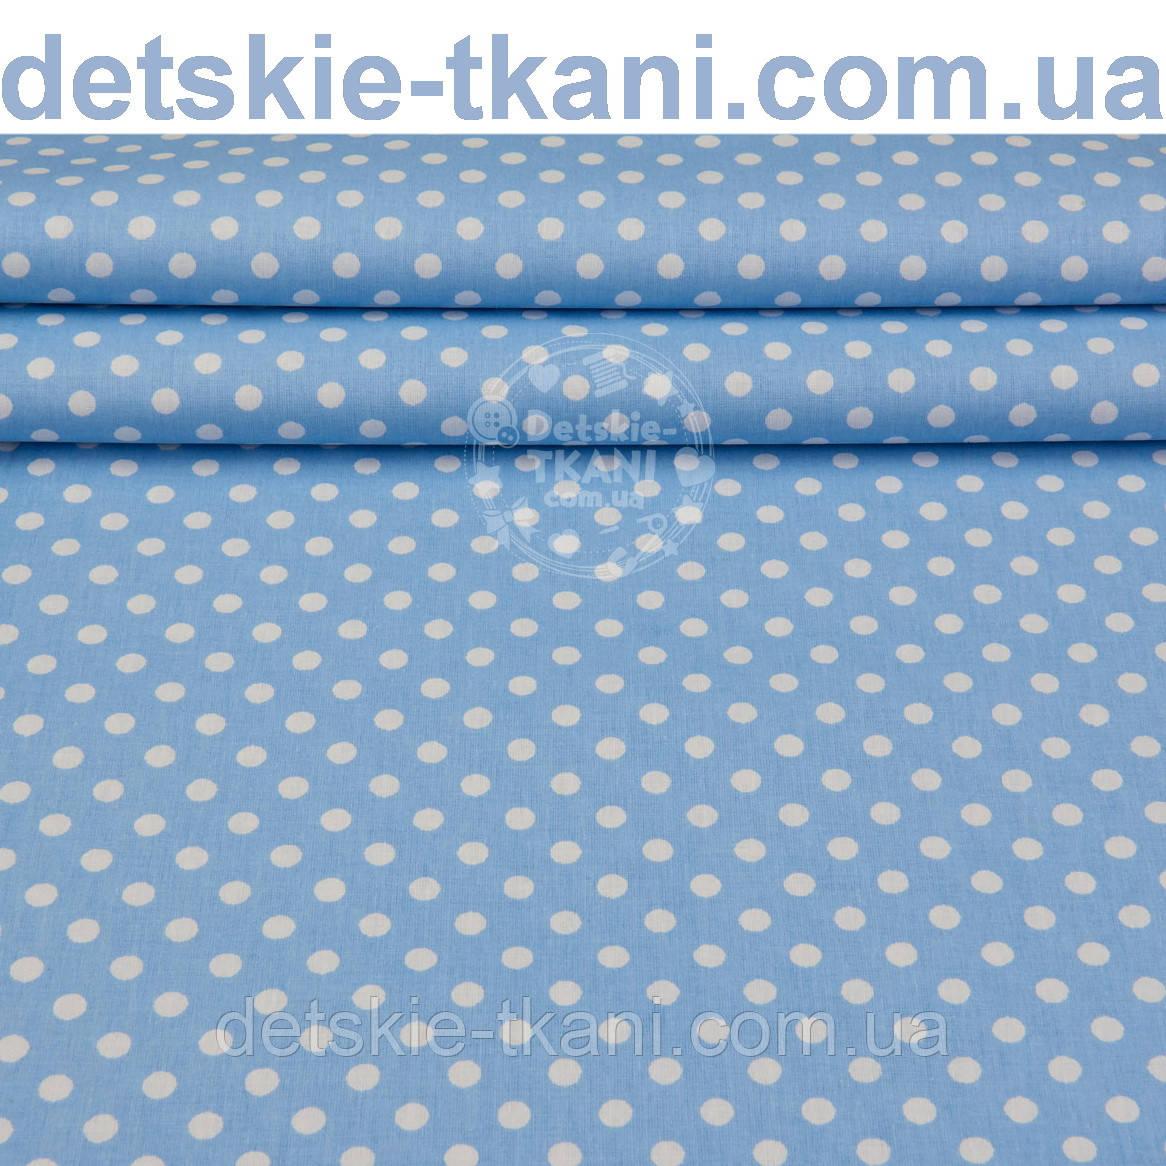 Отрез ткани ранфорс с горошком 6 мм на голубом фоне, ширина 240 см (№1117) размер 78*240